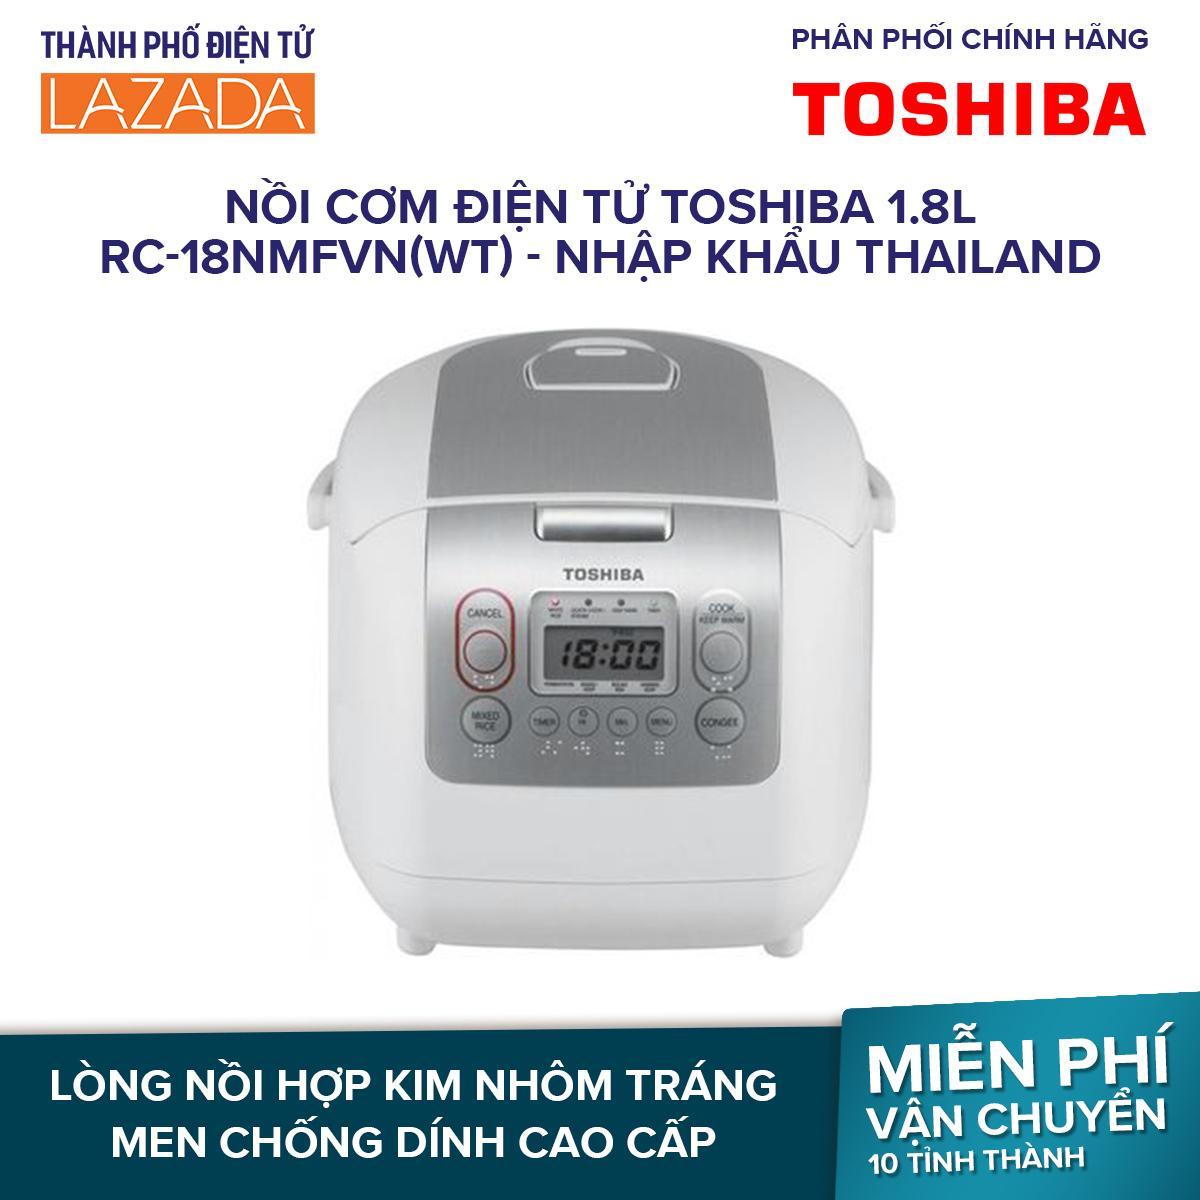 Nồi cơm điện tử Toshiba 1.8L RC-18NMFVN(WT)